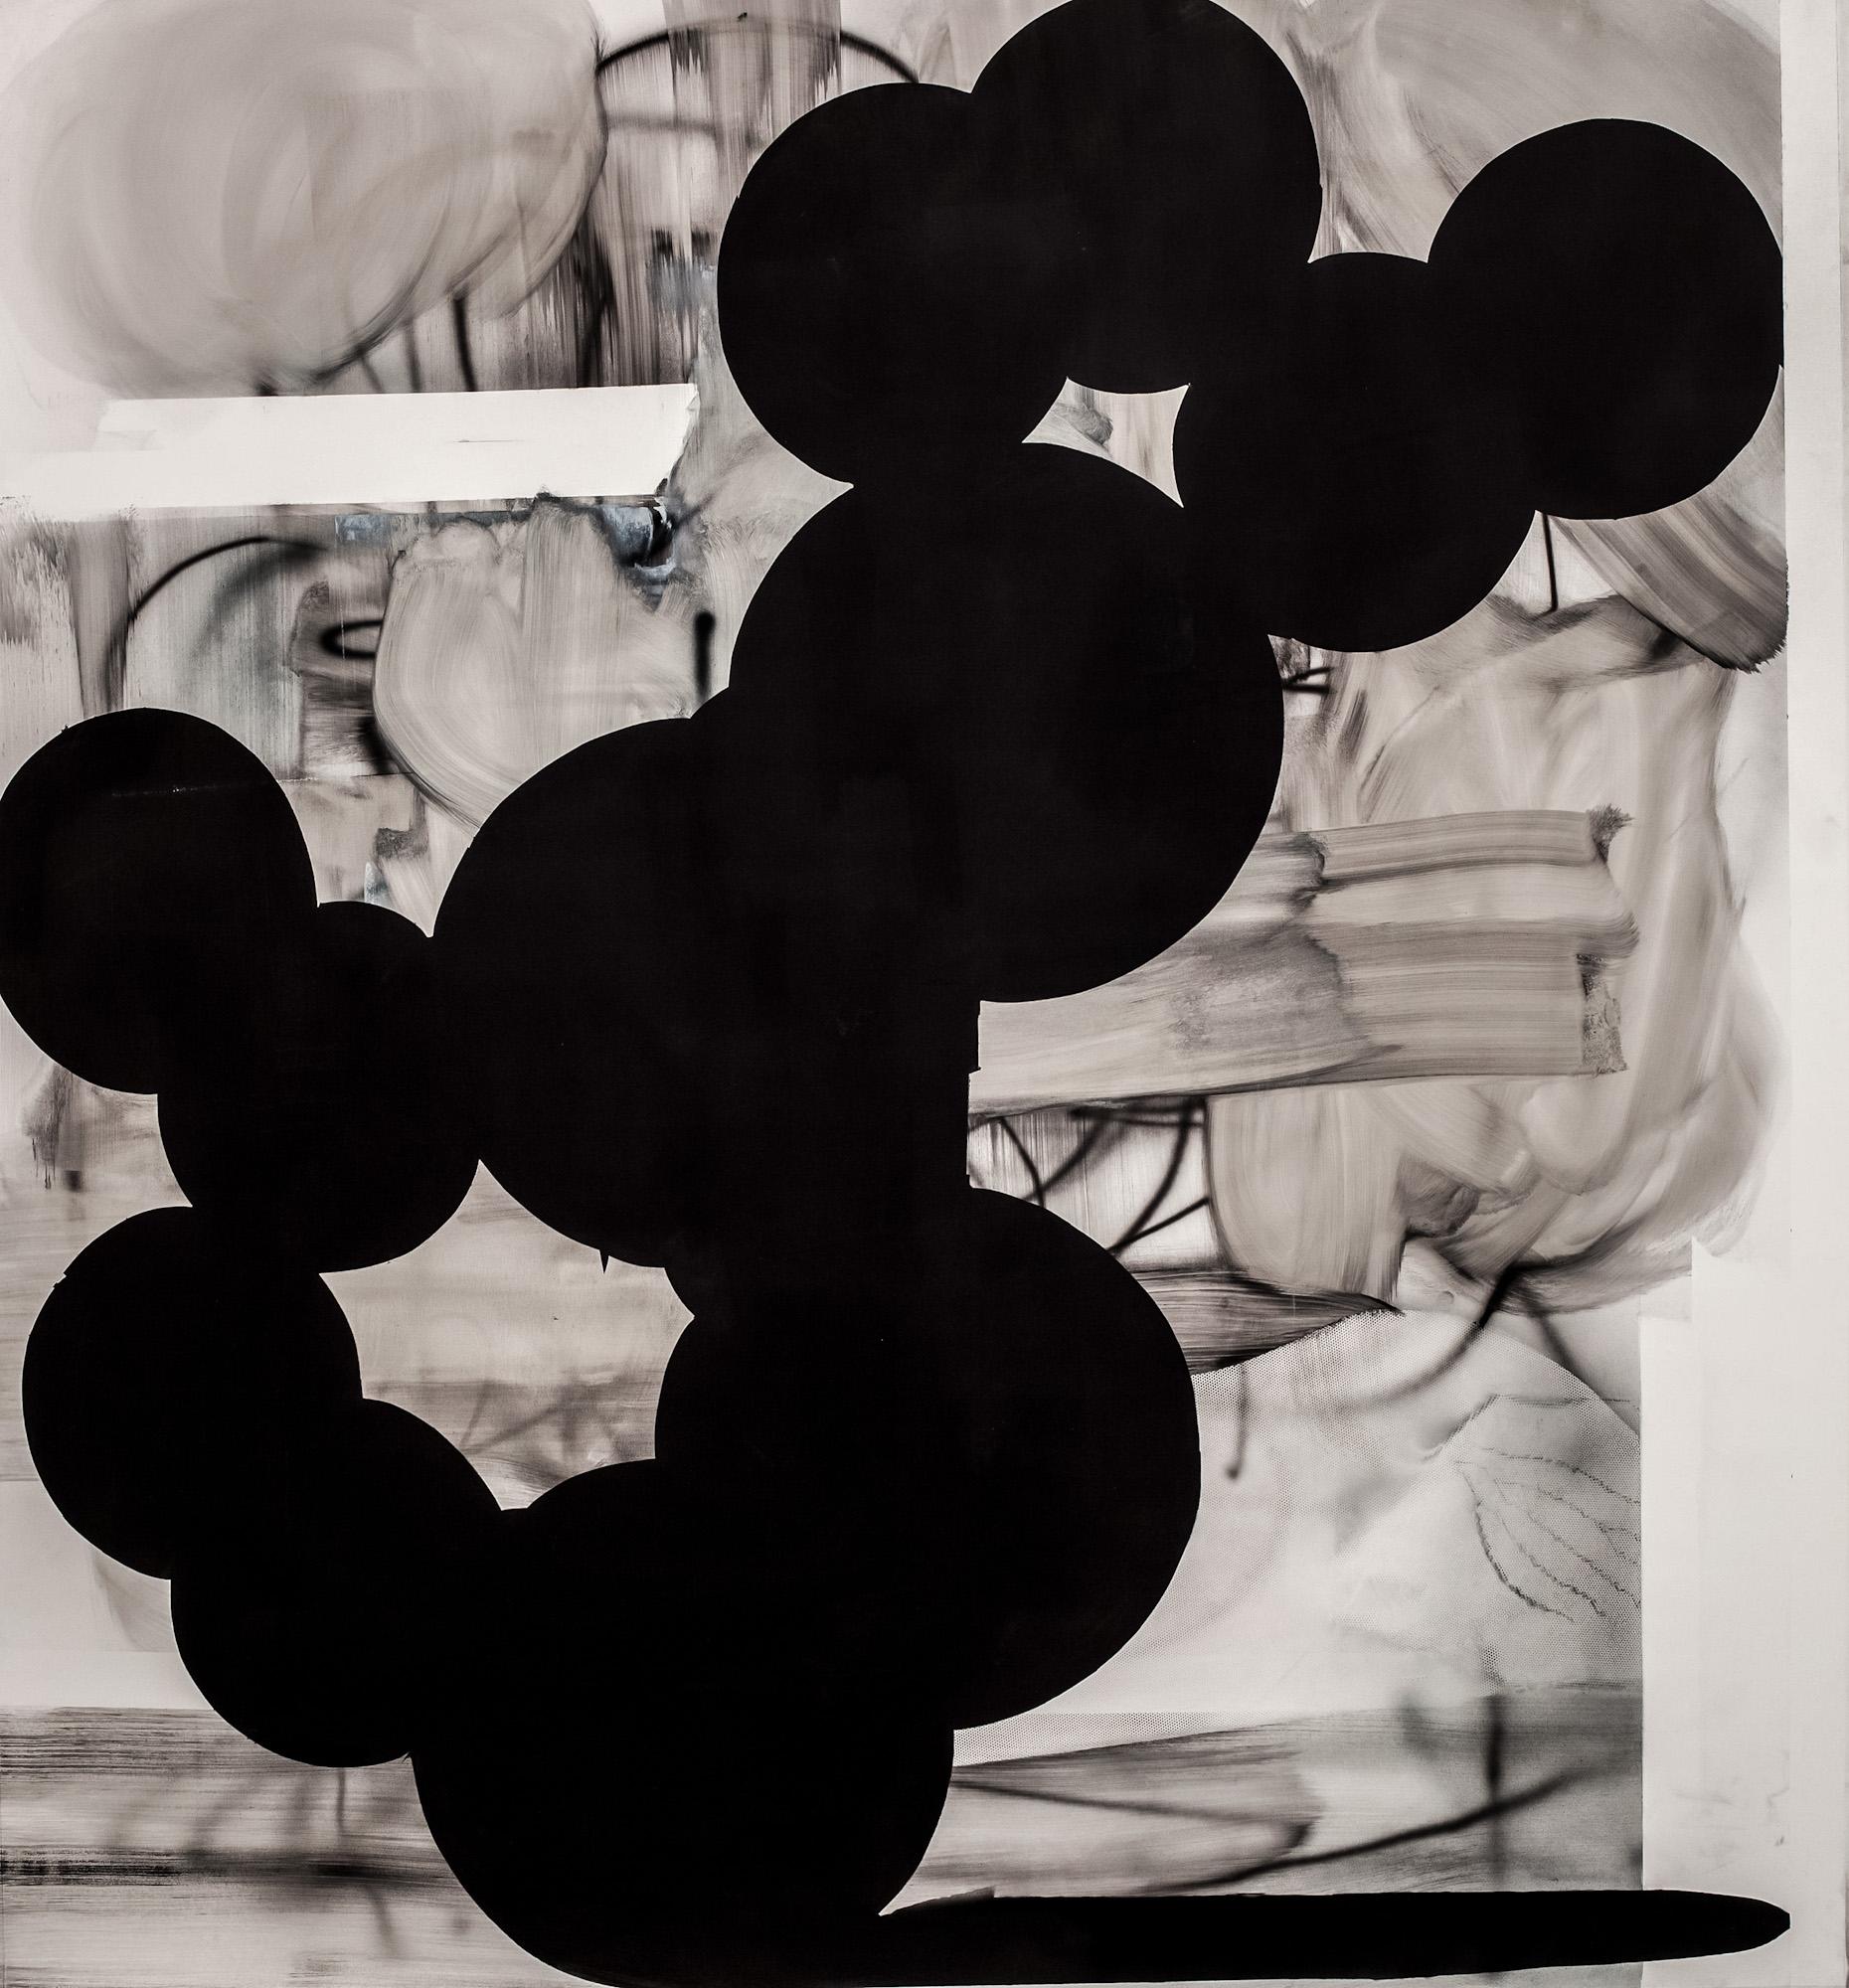 Marcin Jedlikowski, Beztytułu, olej, papier, 169 x 160 cm, 2016